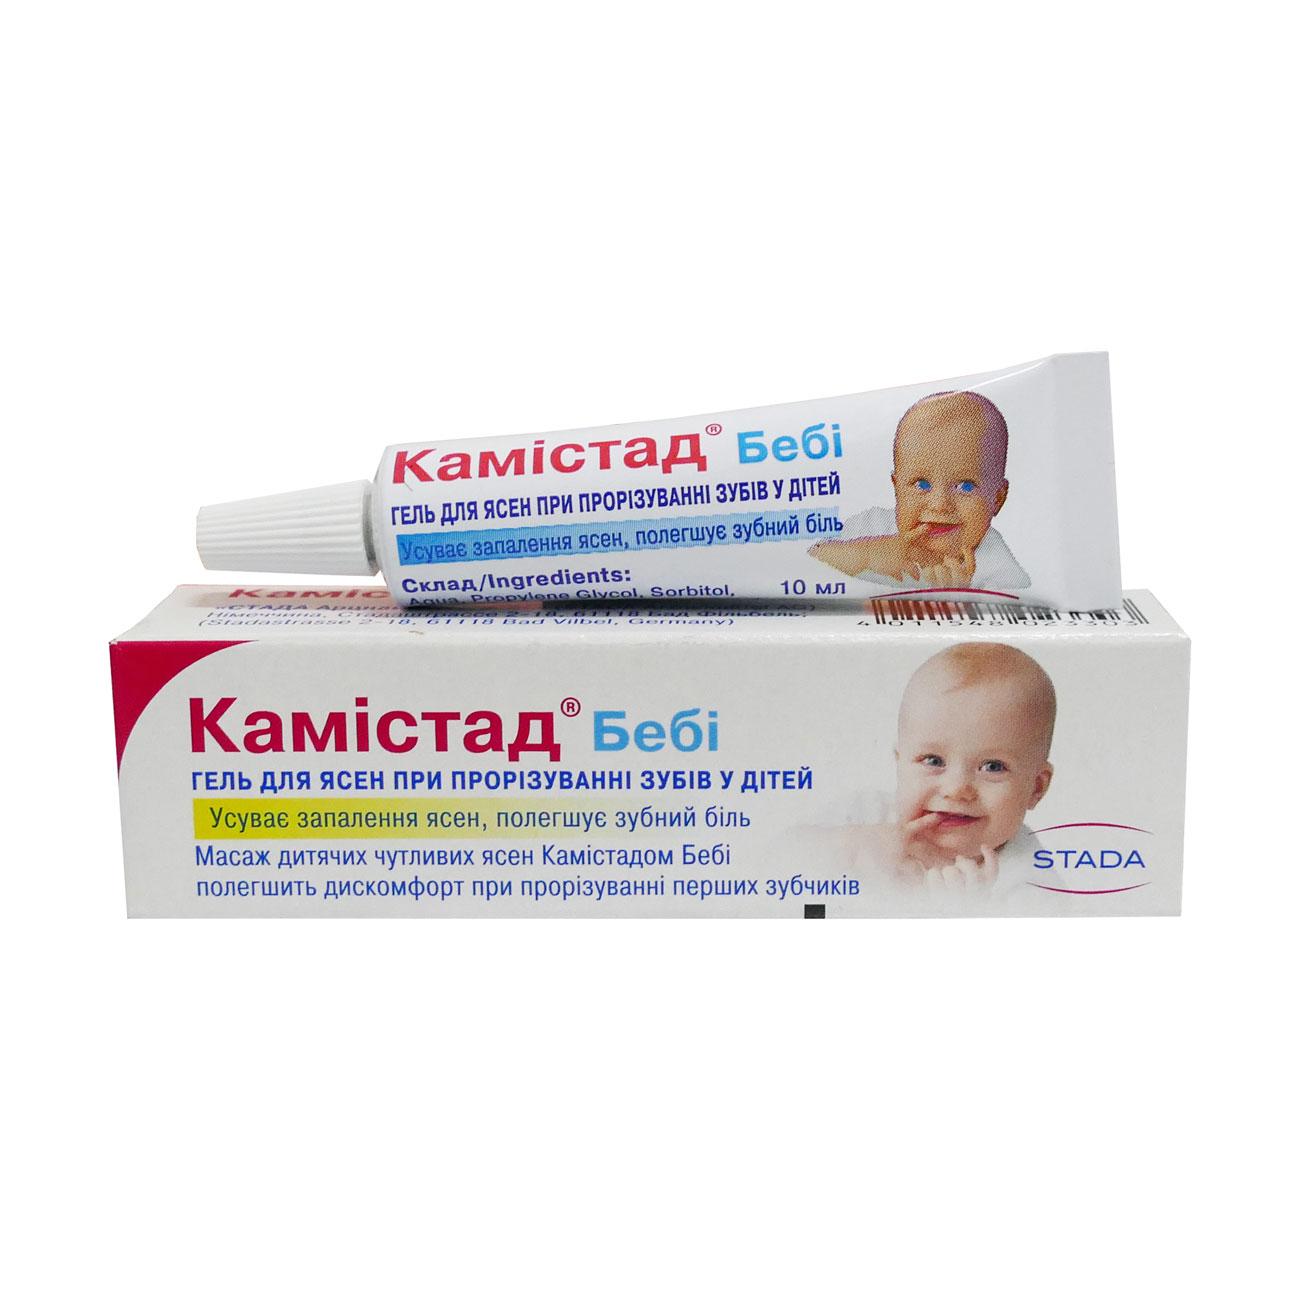 Камистад-гель н – инструкция, показания, способ применения при воспалениях во рту